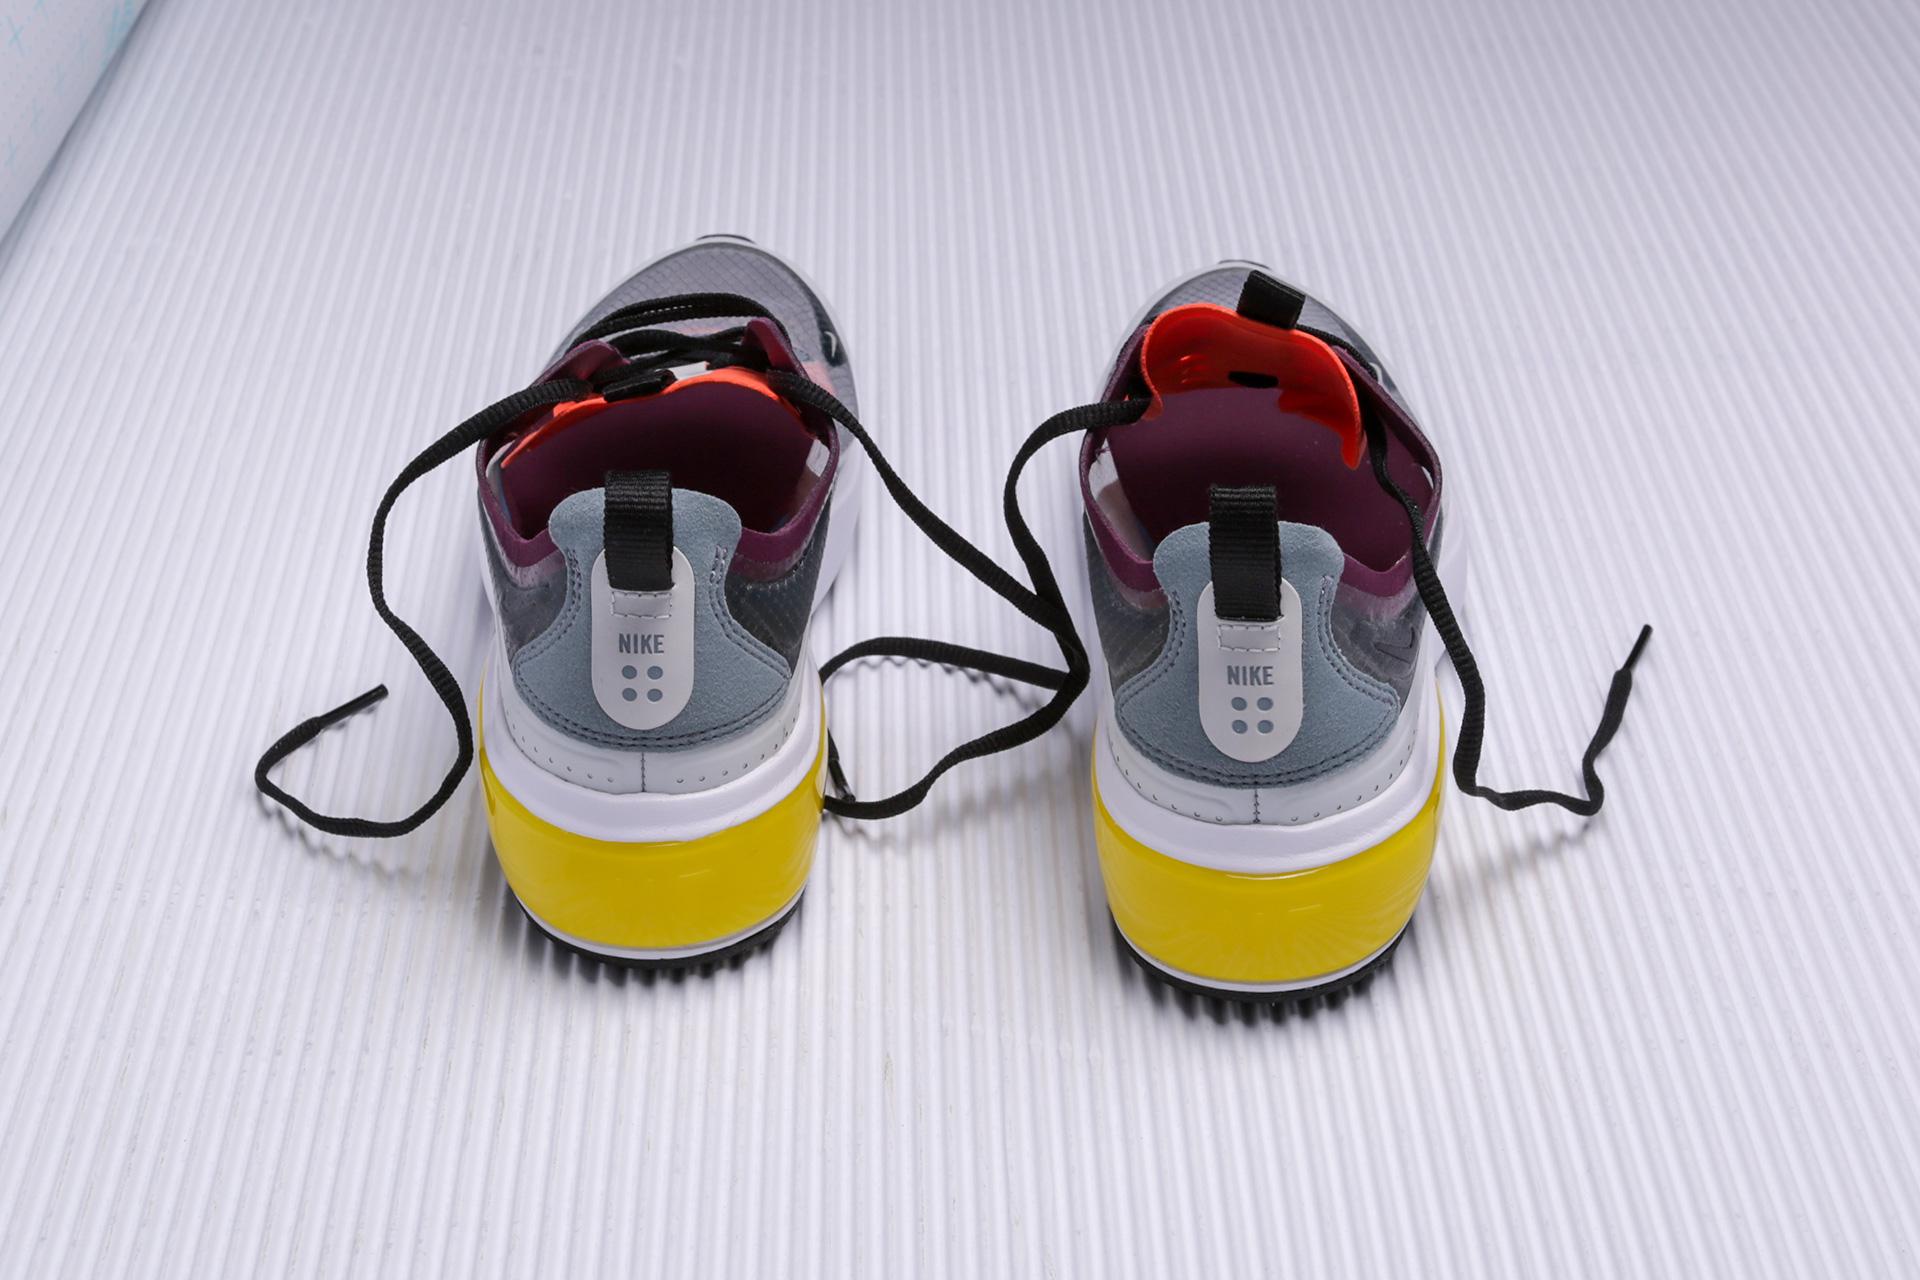 d4d3c948 ... Купить женские серые кроссовки Nike Air Max Dia SE QS - фото 5 картинки  ...